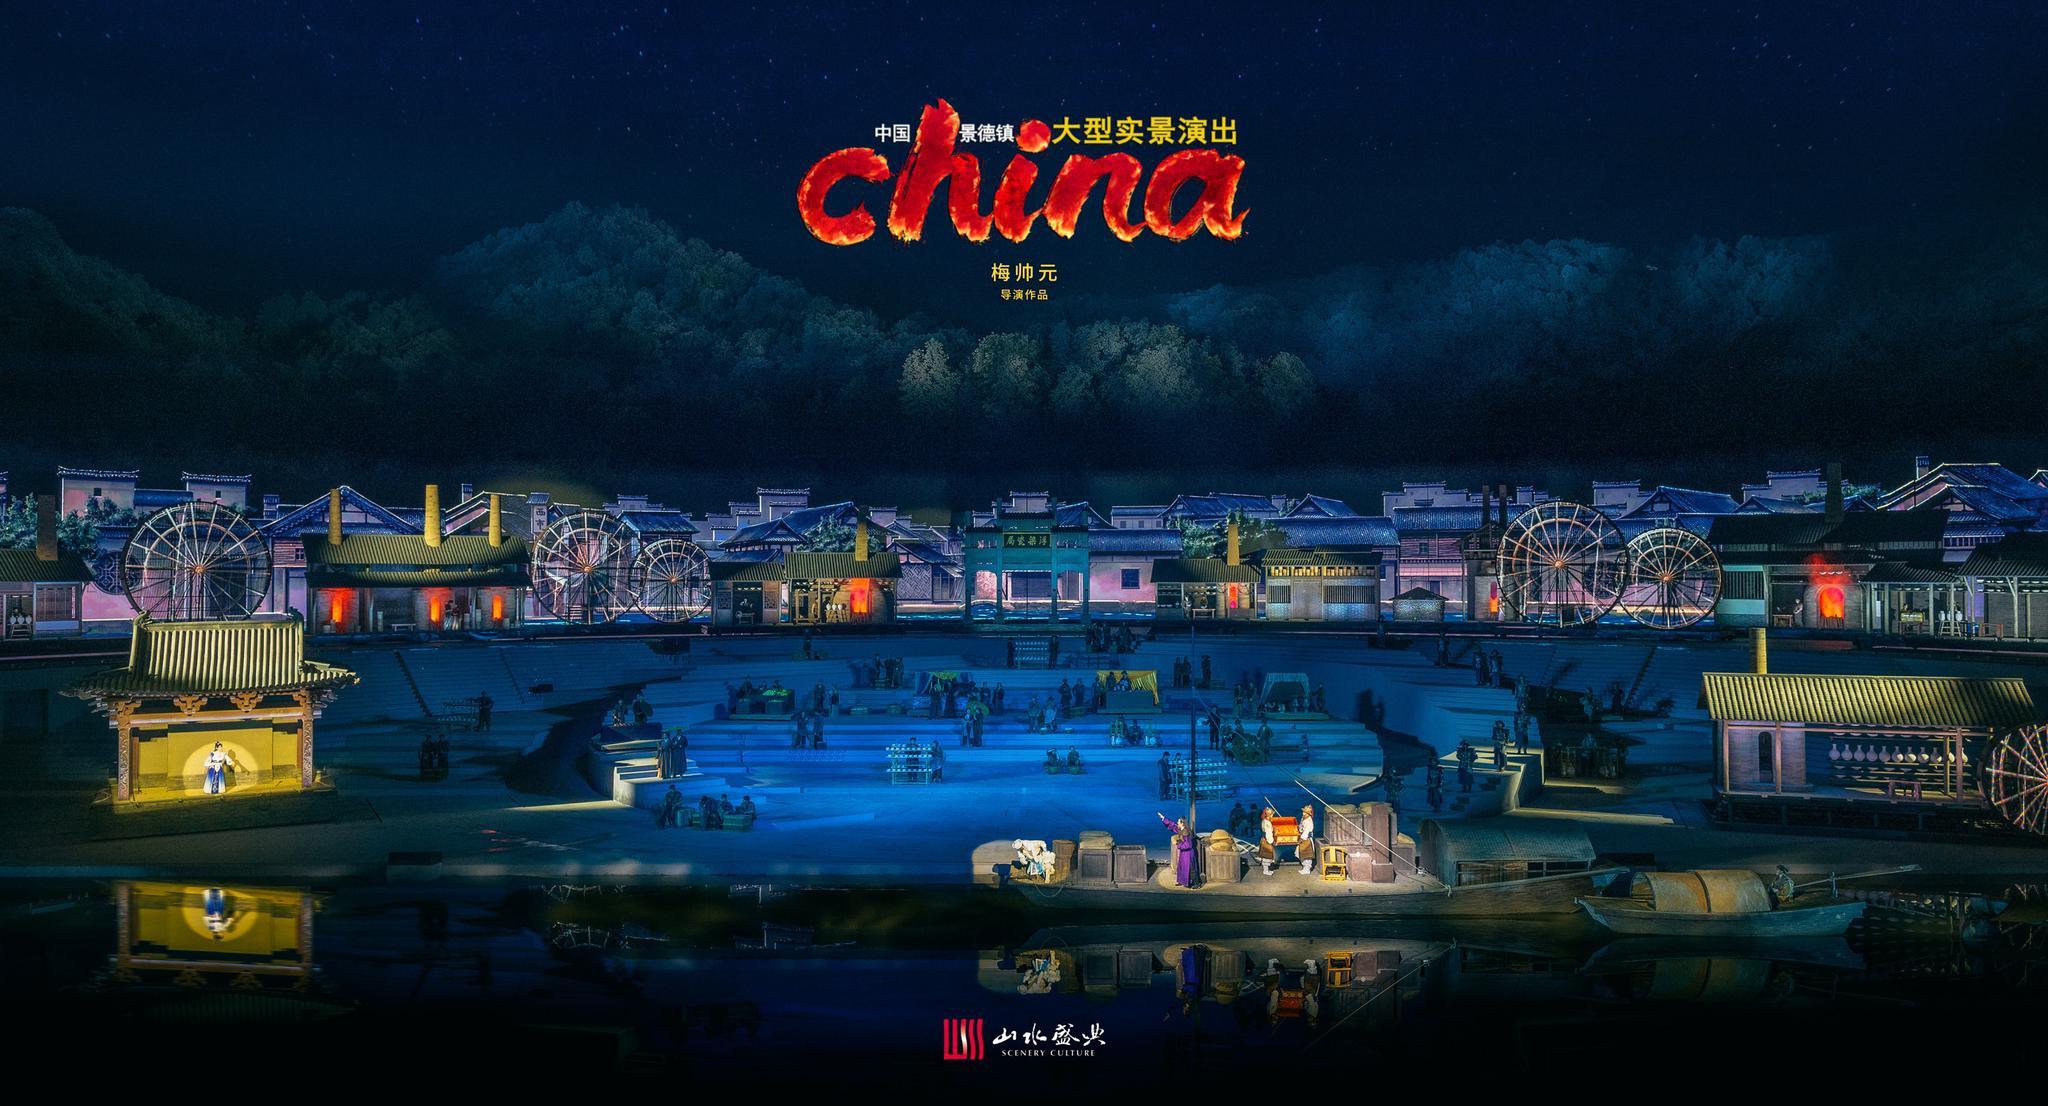 景德镇大型山水实景演出《china》 用瓷器讲述中国故事